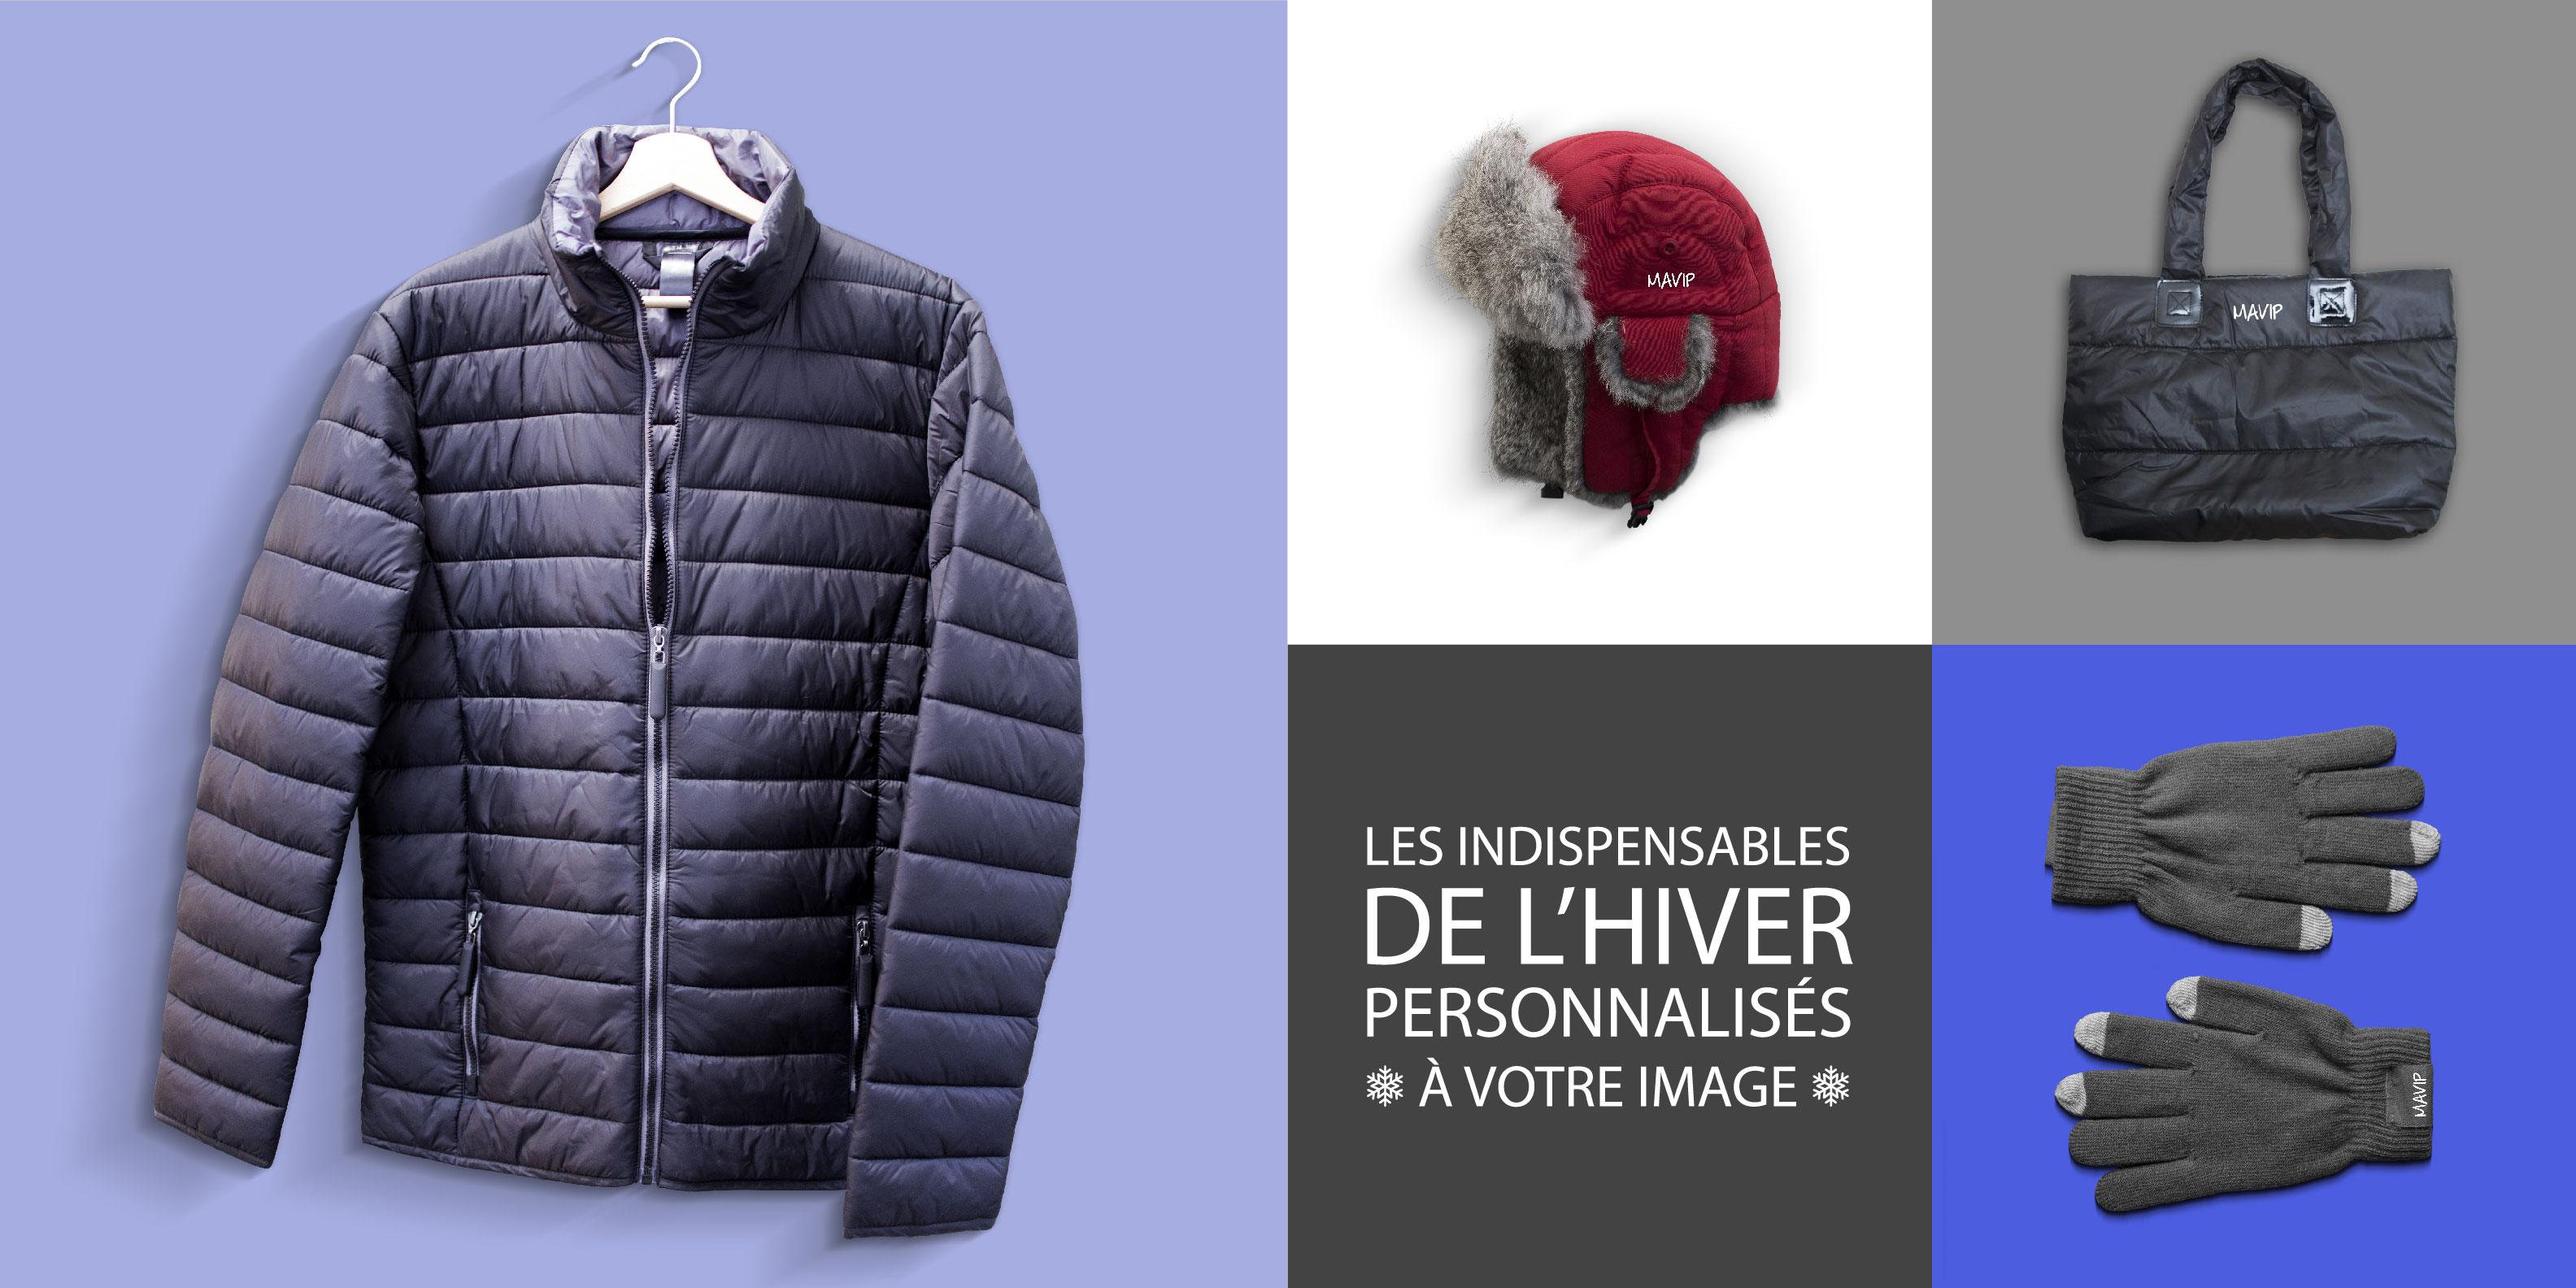 Les objets publicitaires incontournables de l'hiver by Mavip